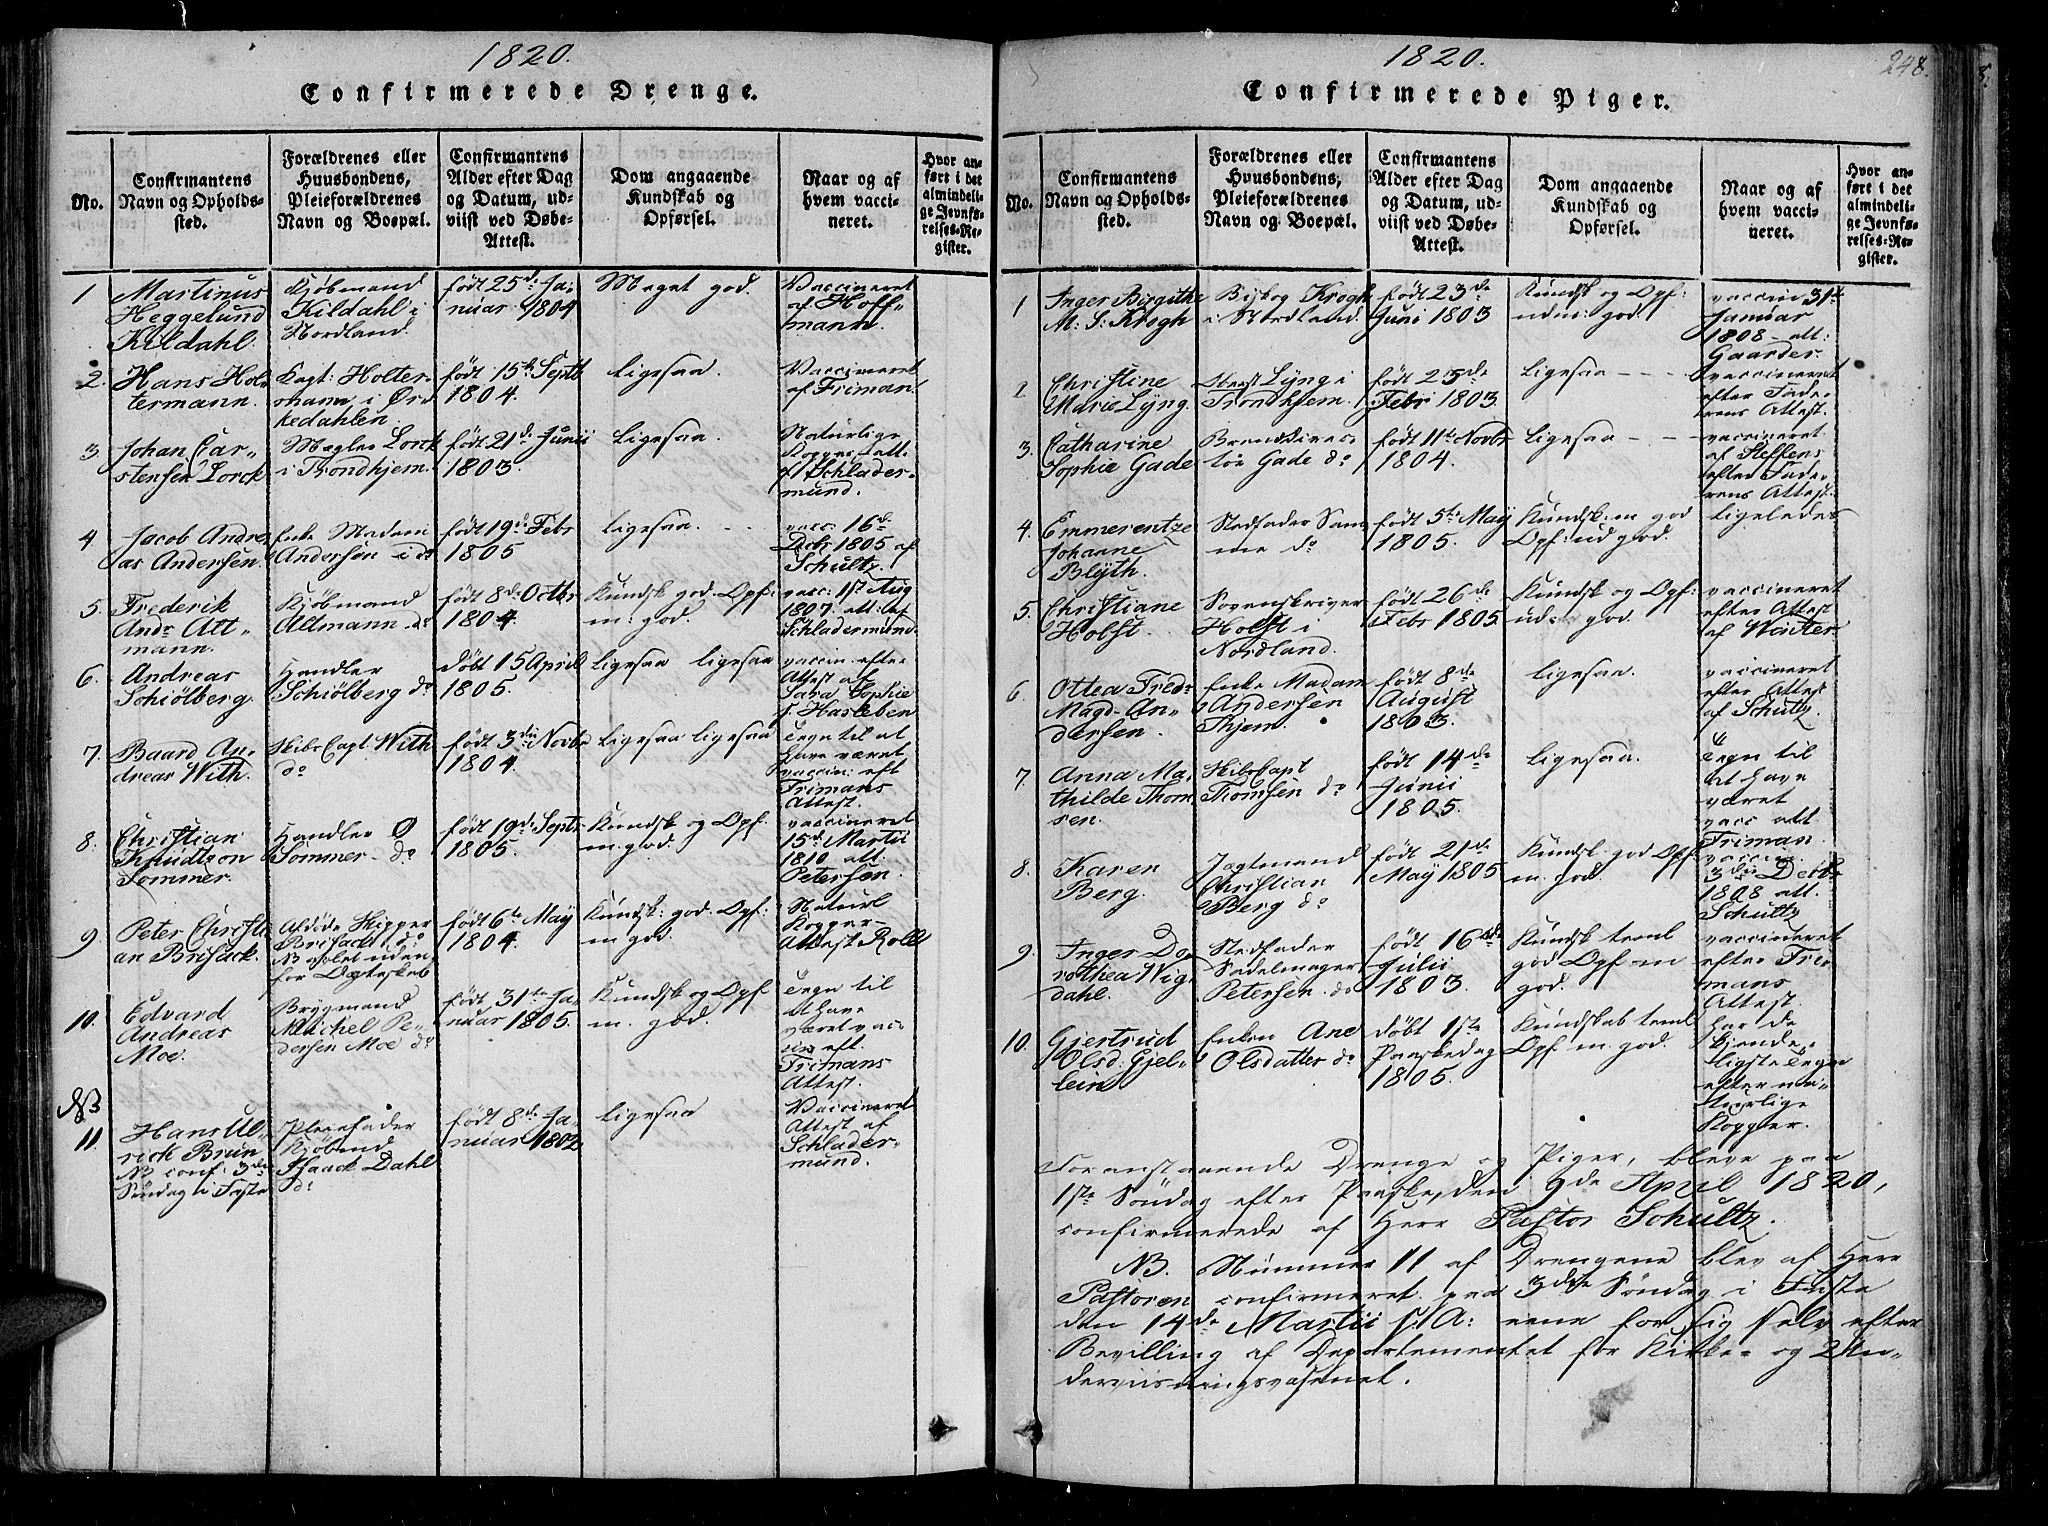 SAT, Ministerialprotokoller, klokkerbøker og fødselsregistre - Sør-Trøndelag, 602/L0107: Ministerialbok nr. 602A05, 1815-1821, s. 248